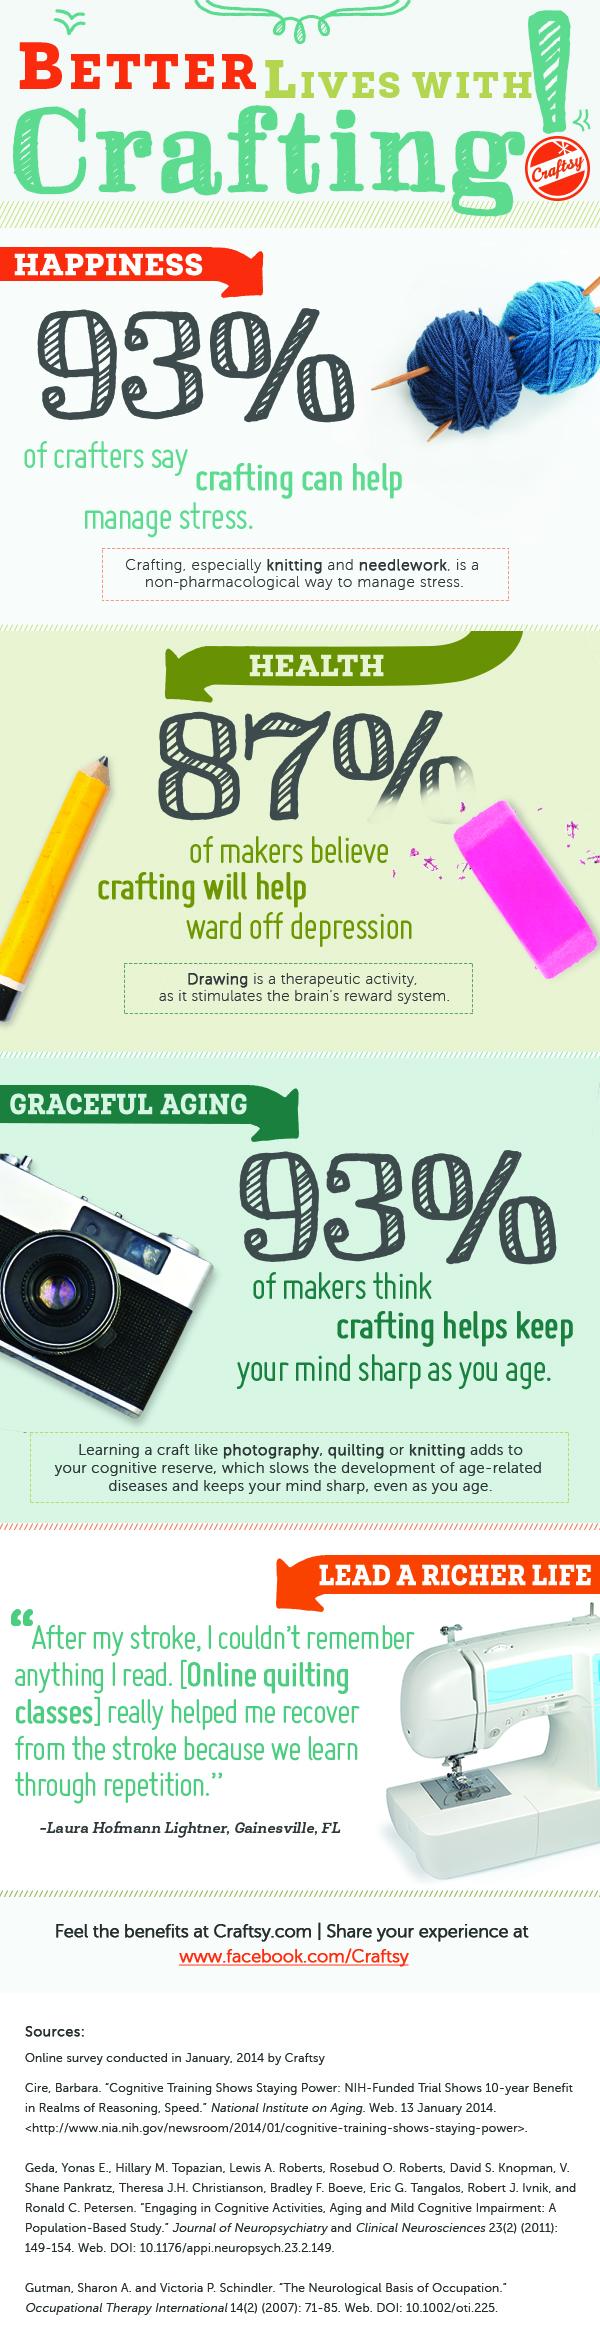 craftsy-webinar.jpg